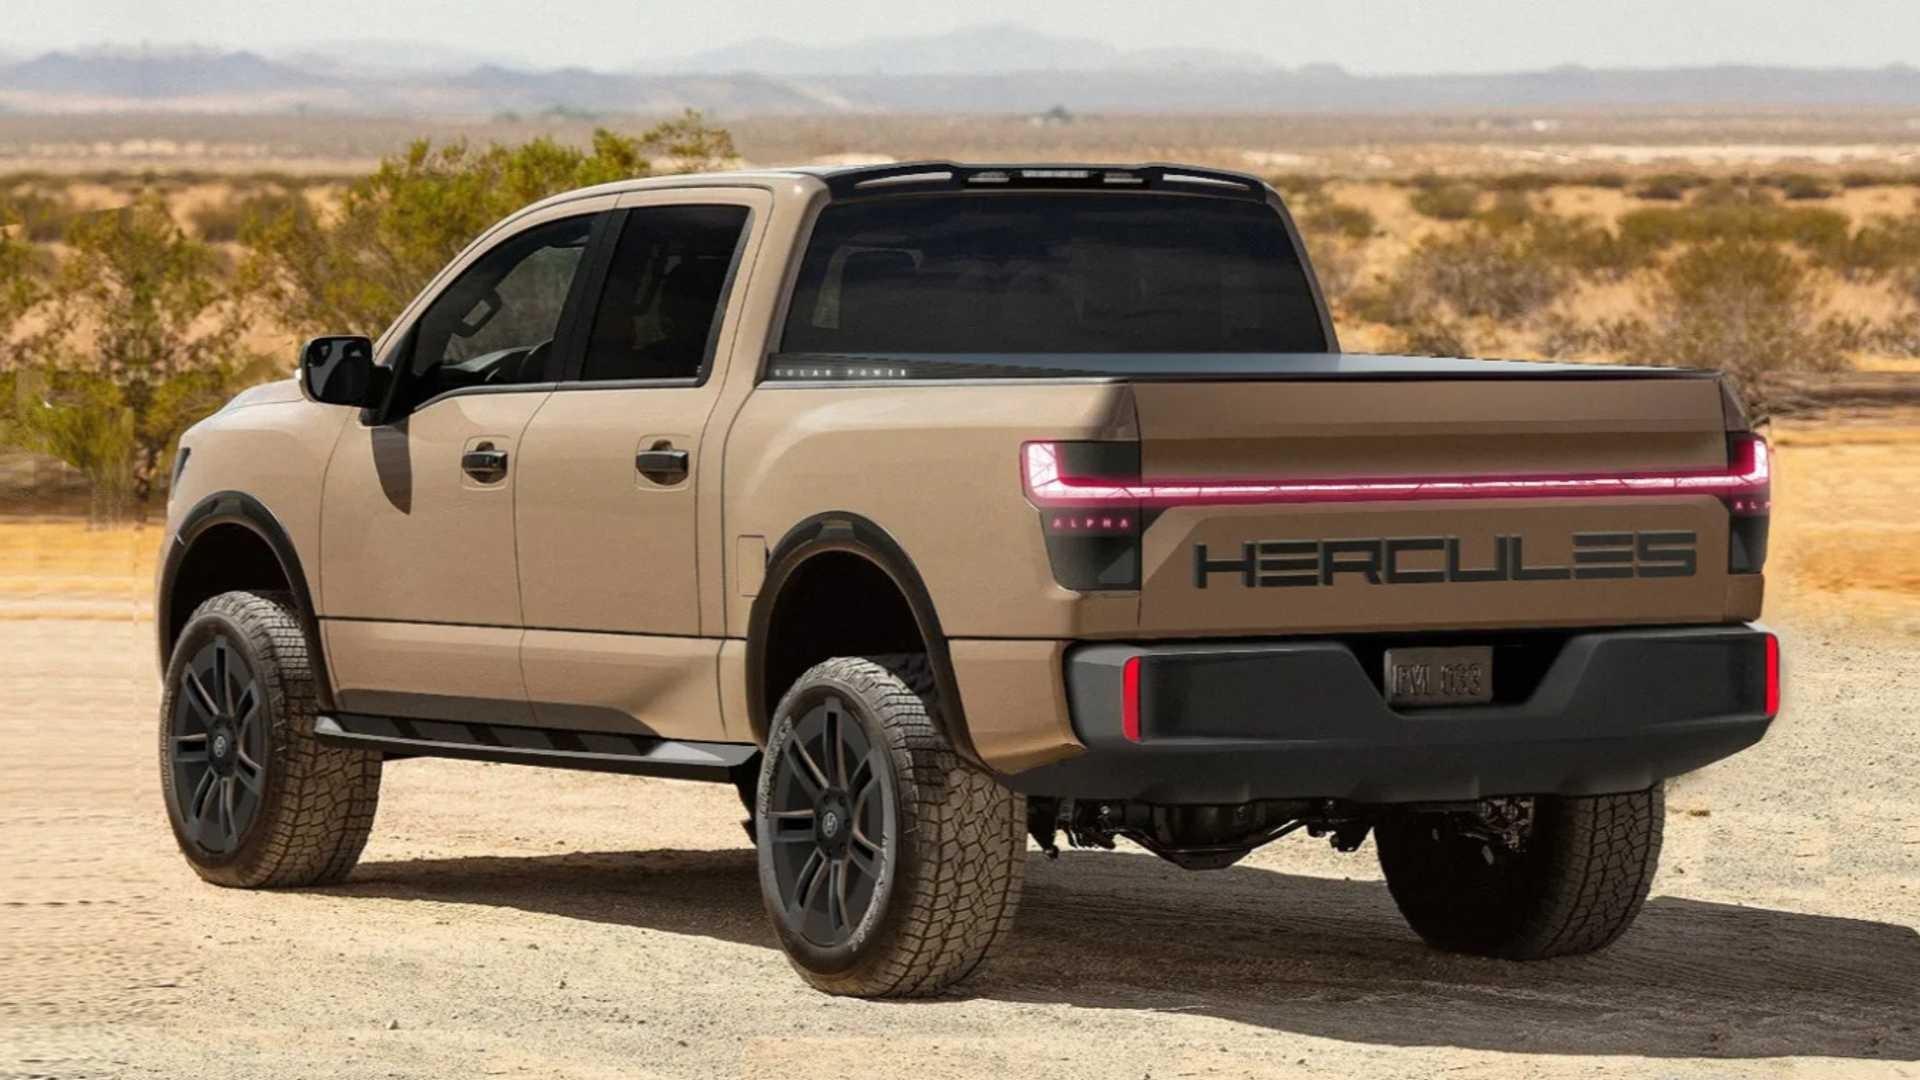 Hercules Alpha: ещё один электрический пикап с солнечной батареей в кузове